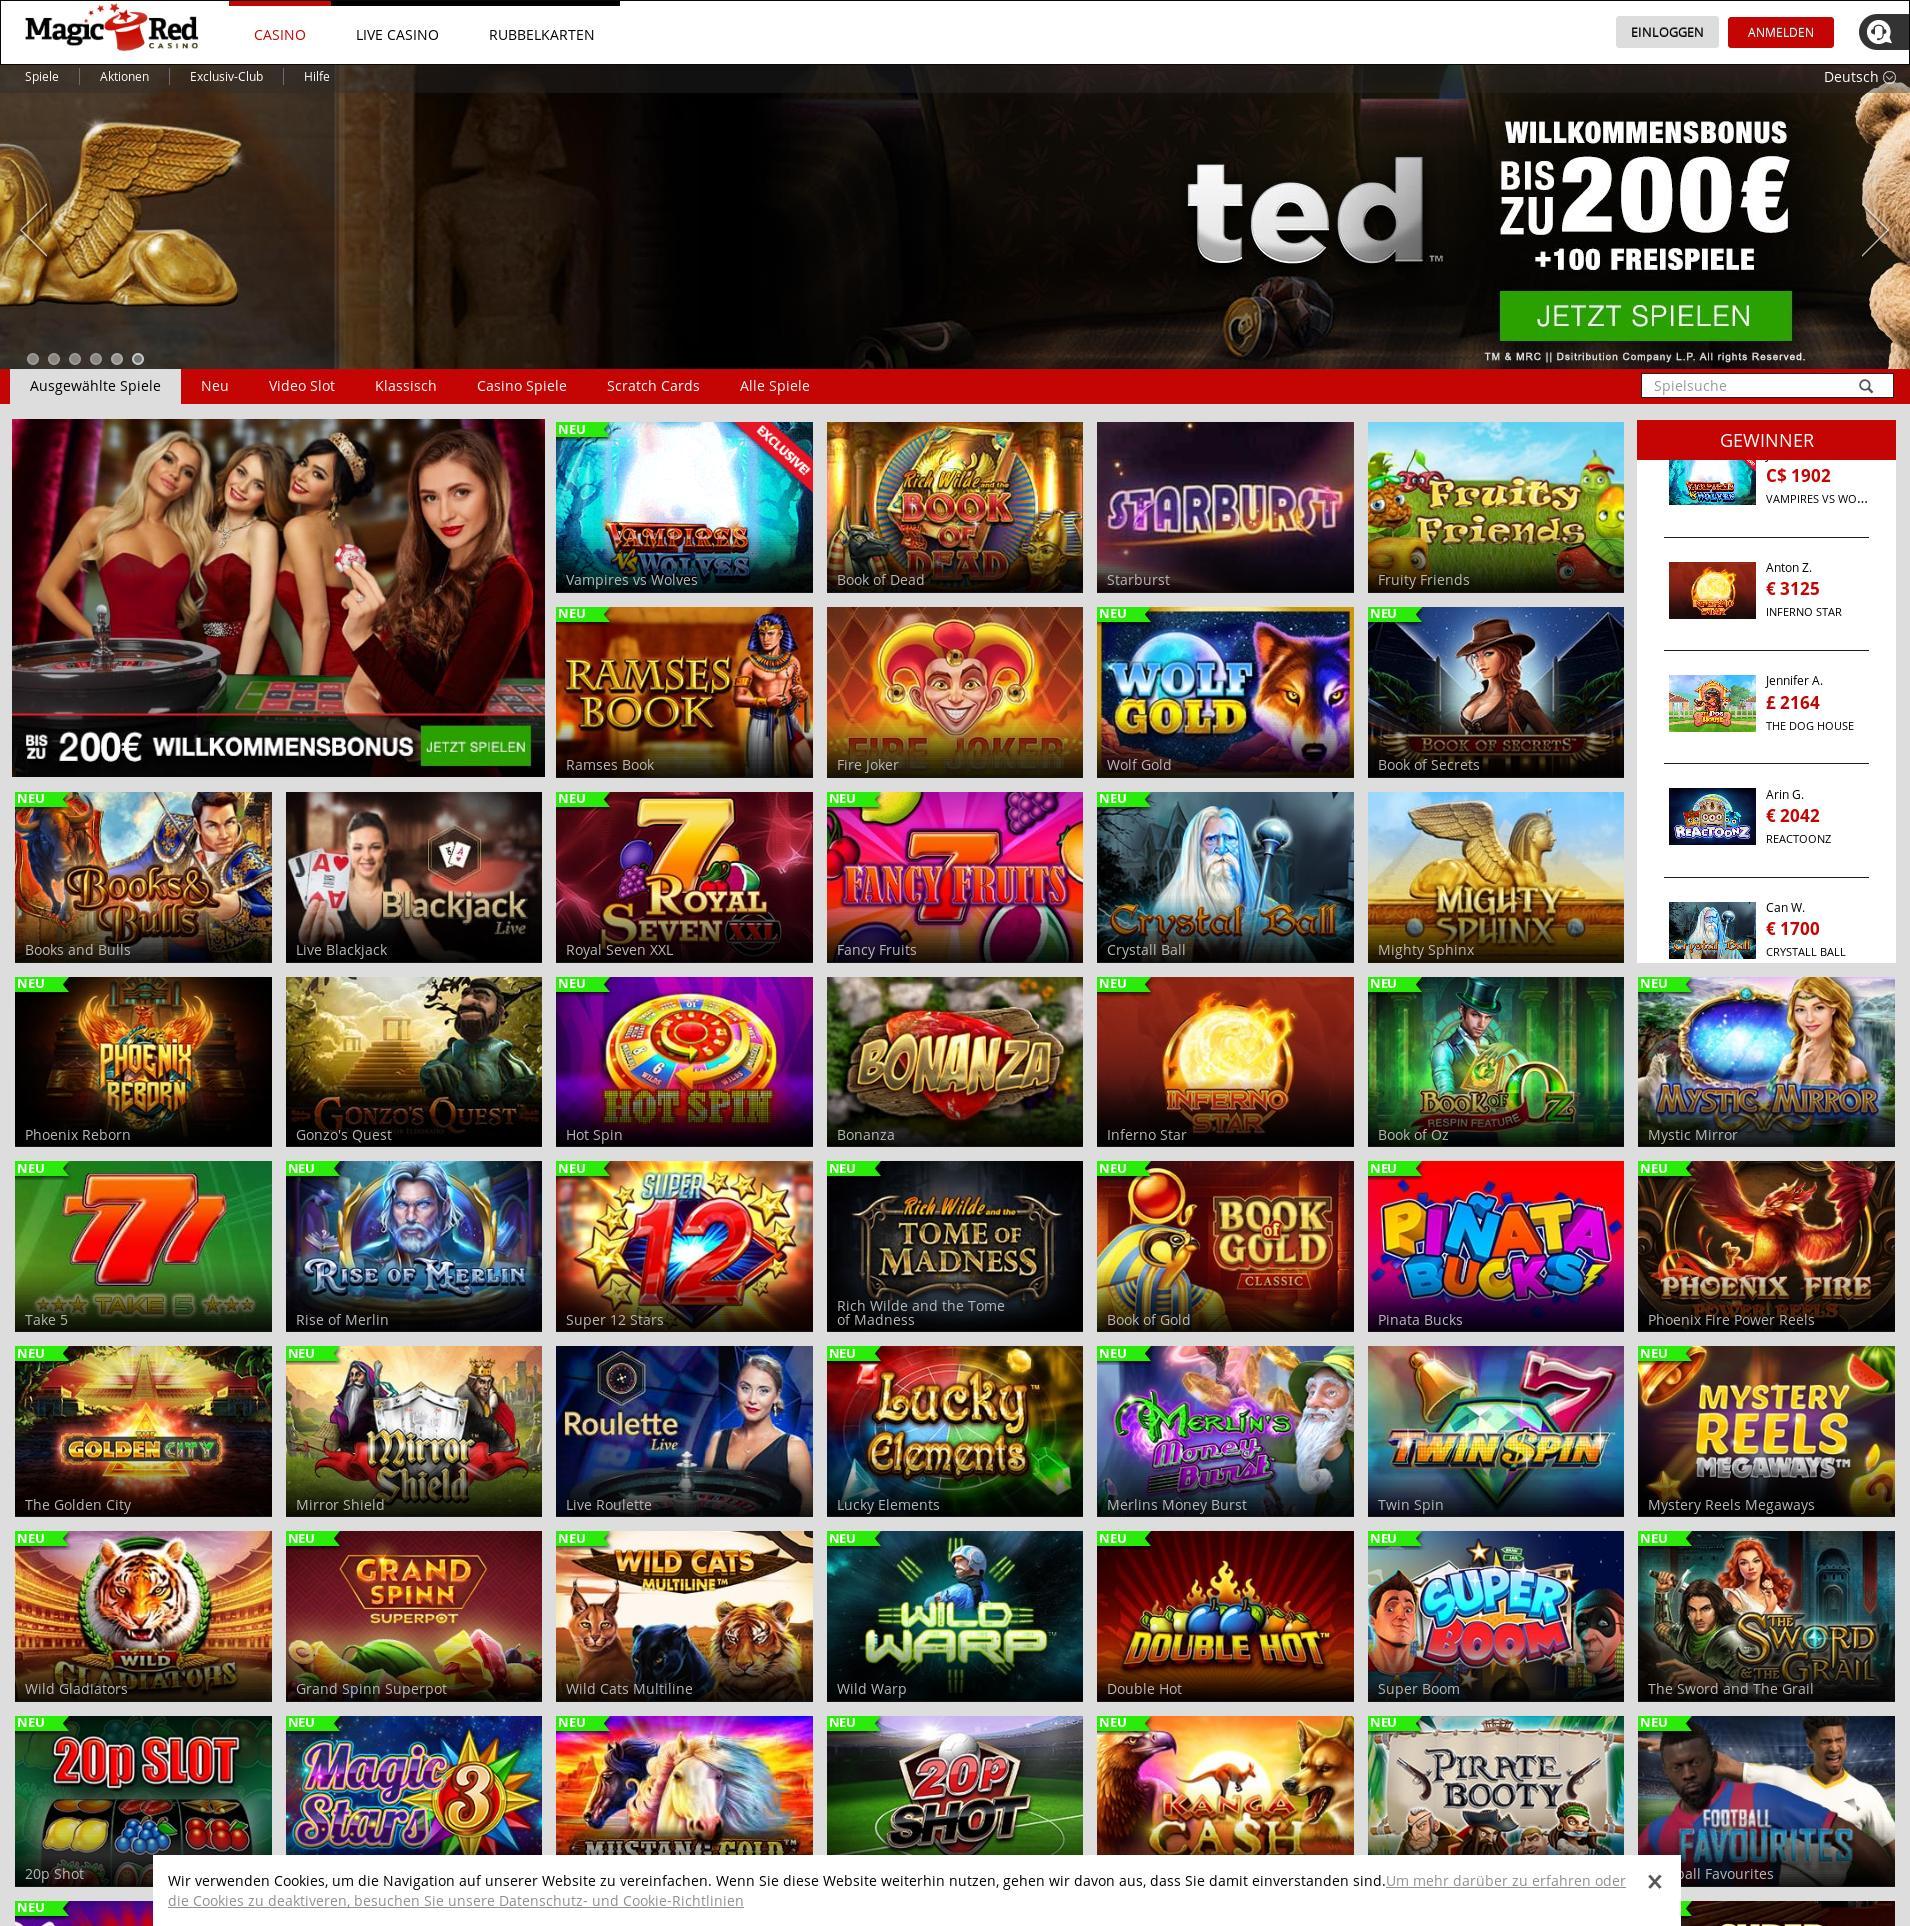 Casino Bildschirm Lobby 2019-08-21 zum Deutschland